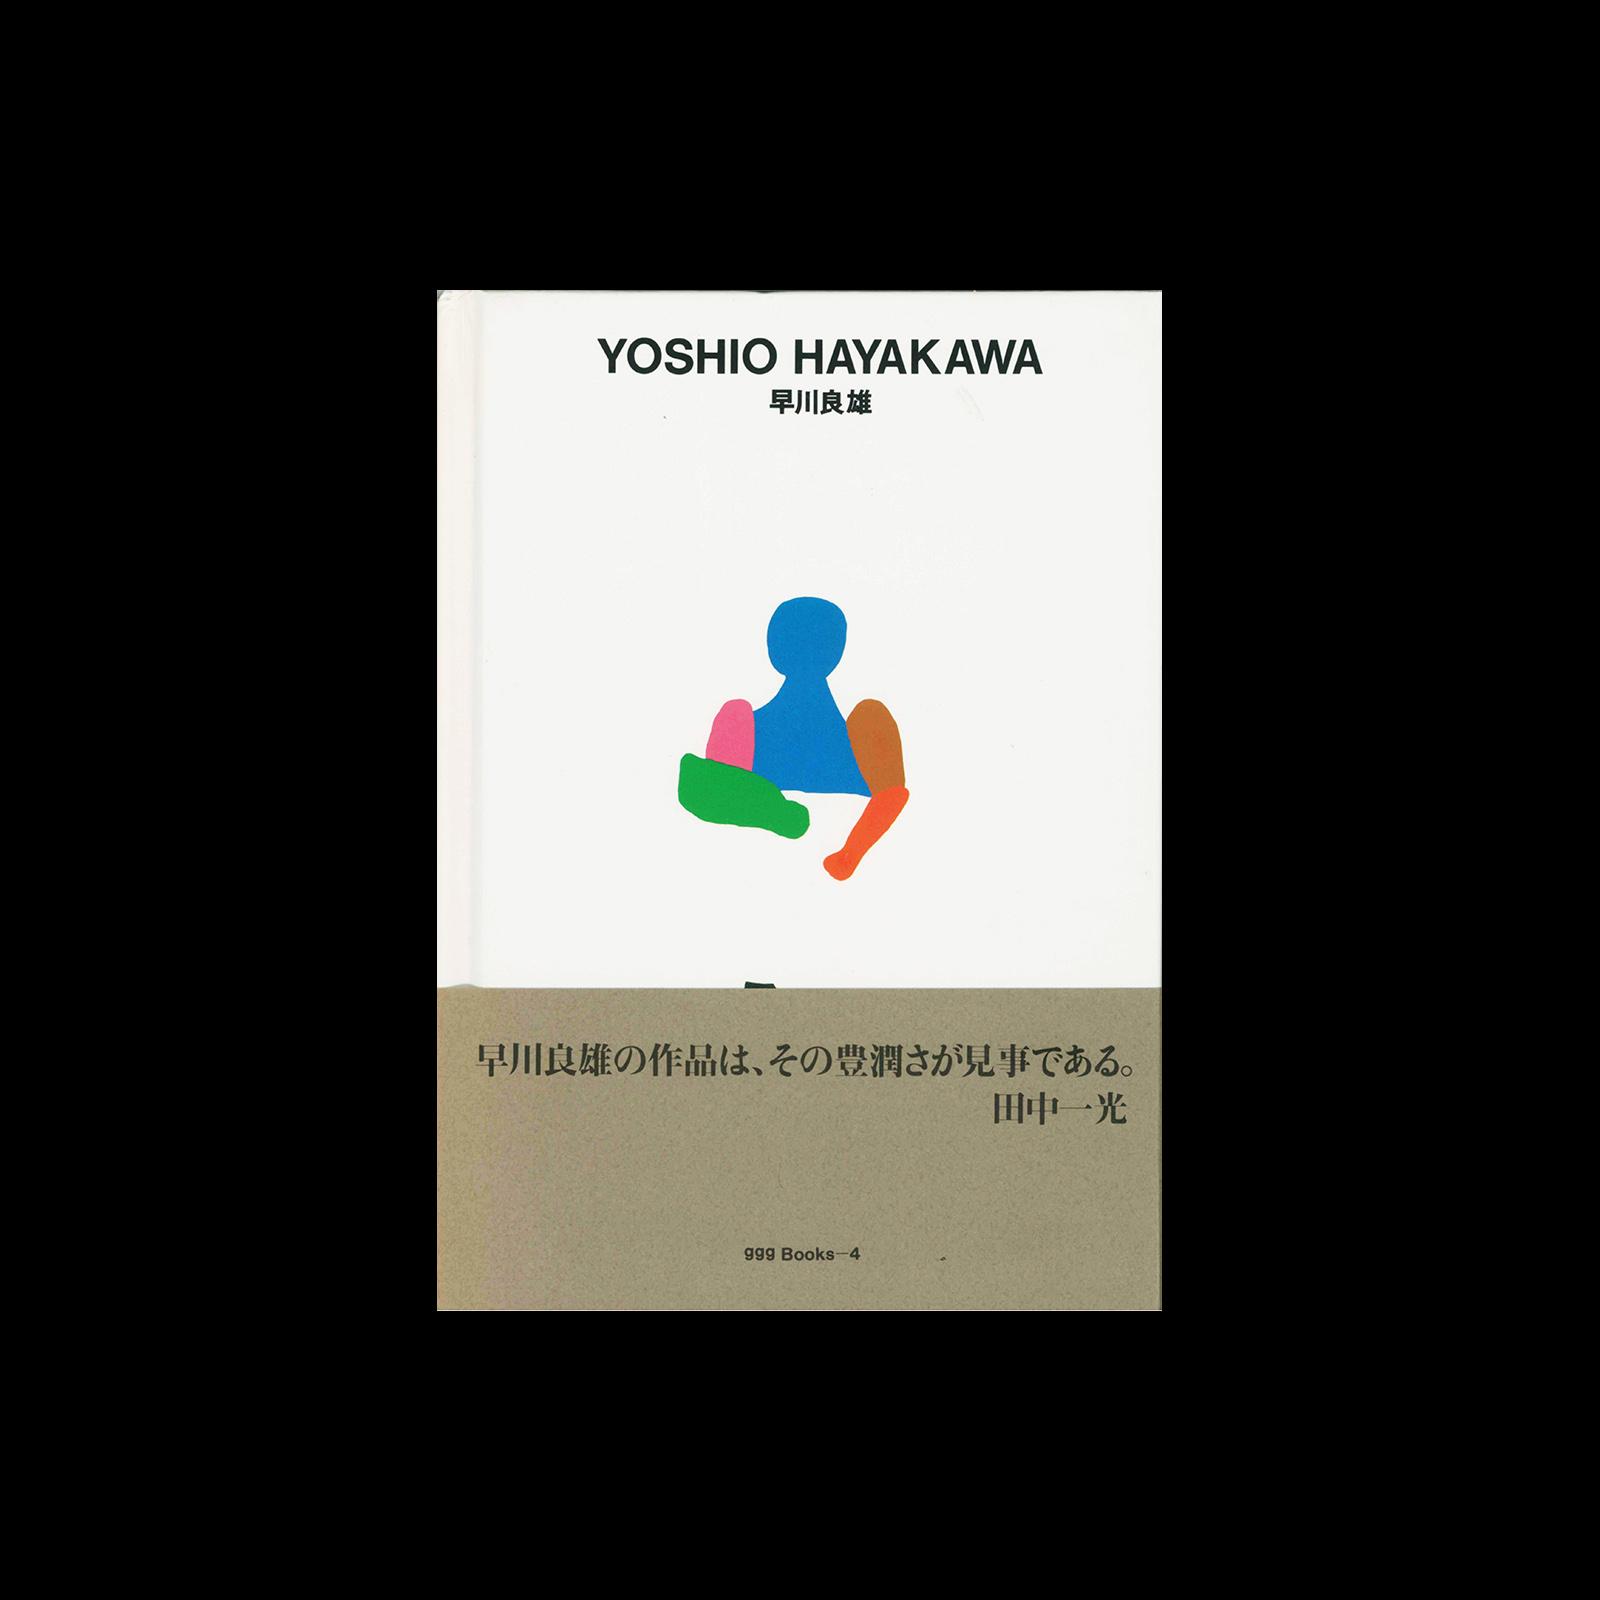 Ginza Graphic Gallery 04, Yoshio Hayakawa